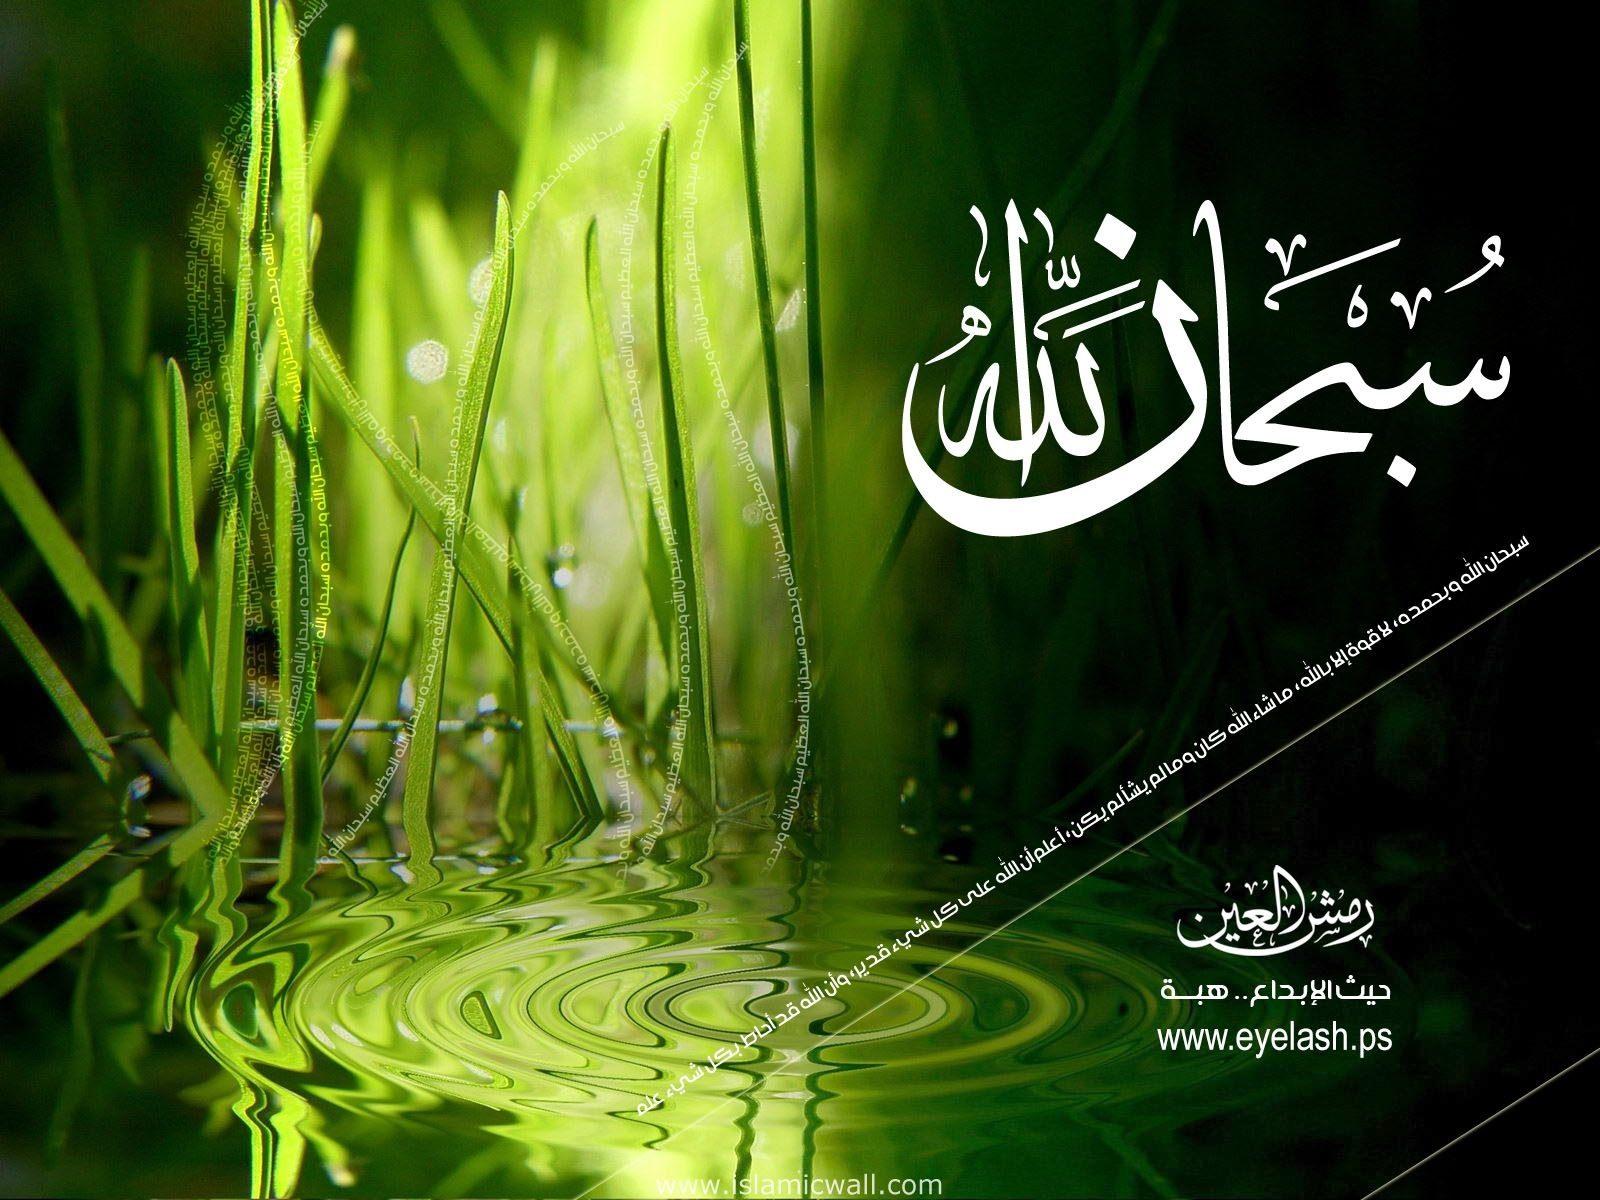 http://4.bp.blogspot.com/-rL9YyNi4NNE/T1JpqwnK-BI/AAAAAAAAQJ8/cGAp2u8LMFs/s1600/Sobhan+Allah.jpg